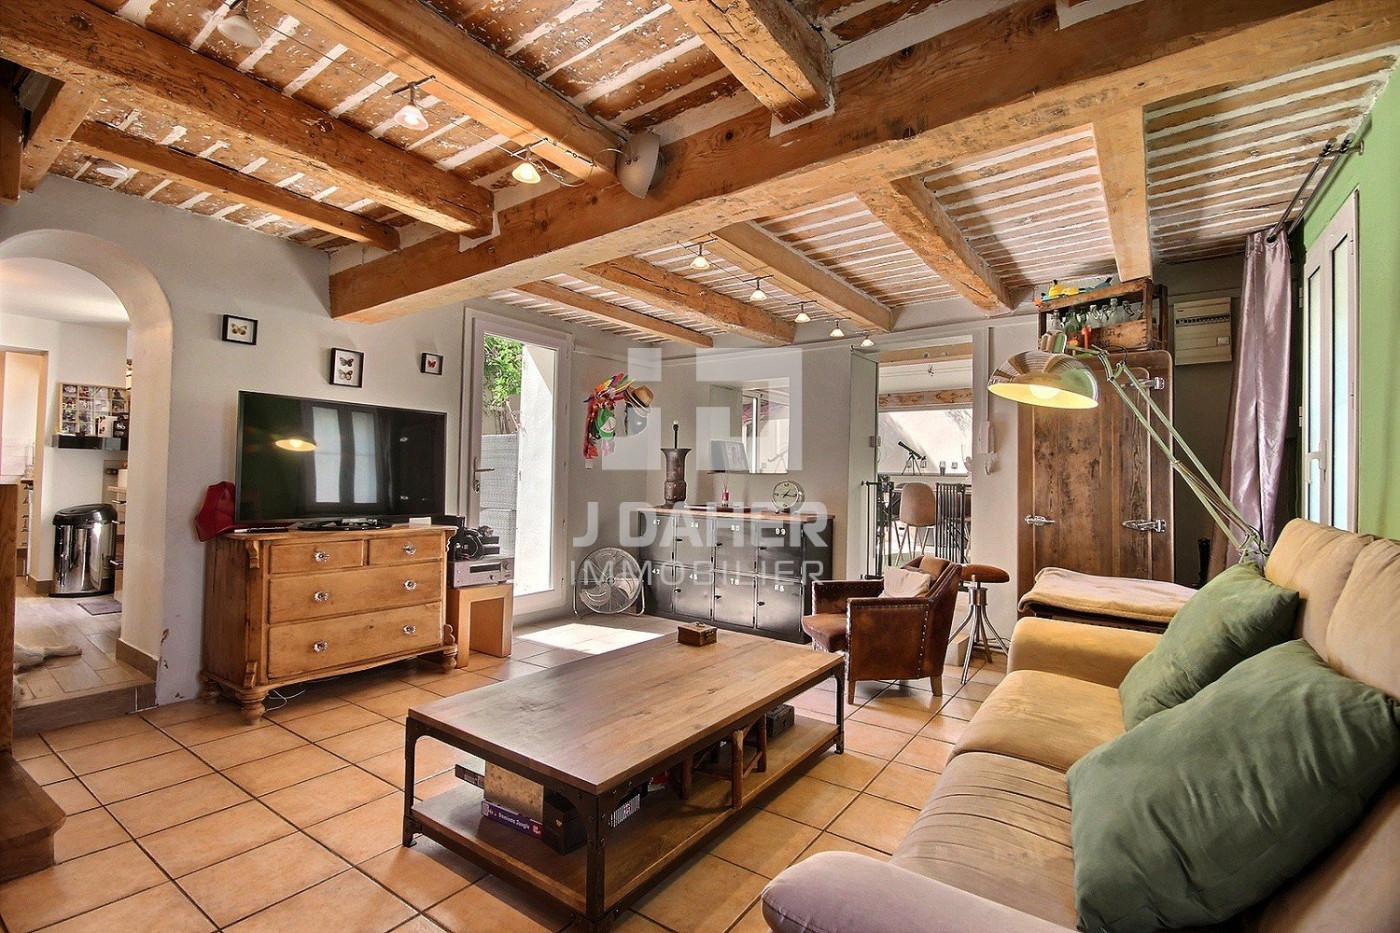 A vendre Marseille 8eme Arrondissement 13025833 J daher immobilier